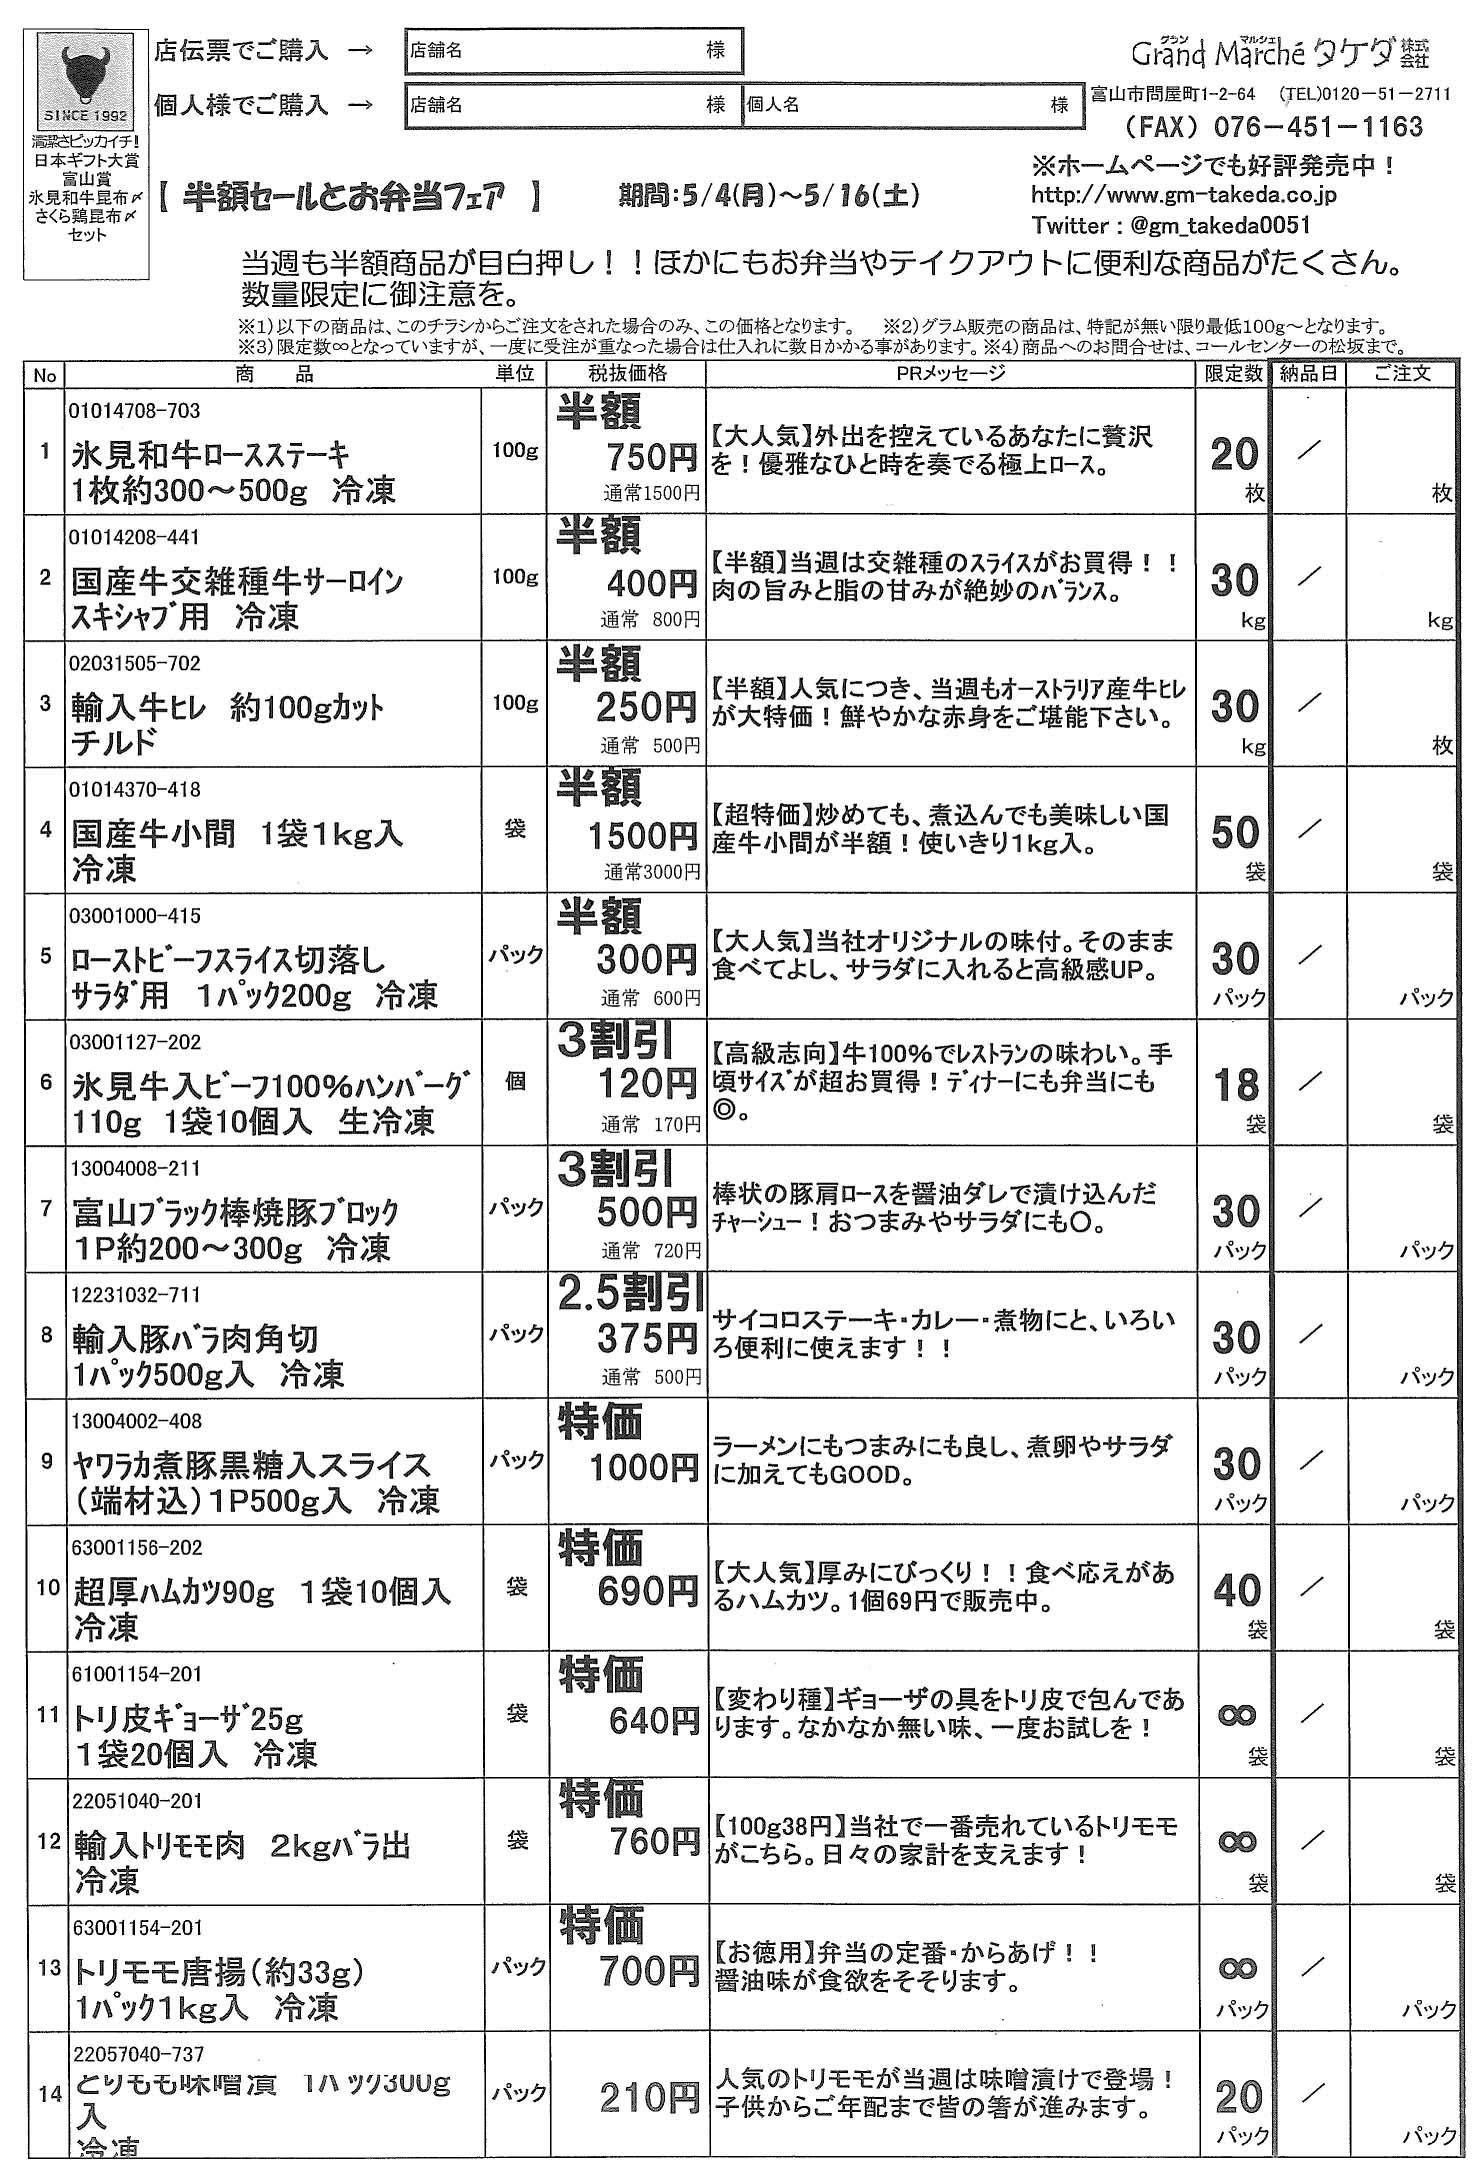 グランマルシェタケダ特売チラシ0504